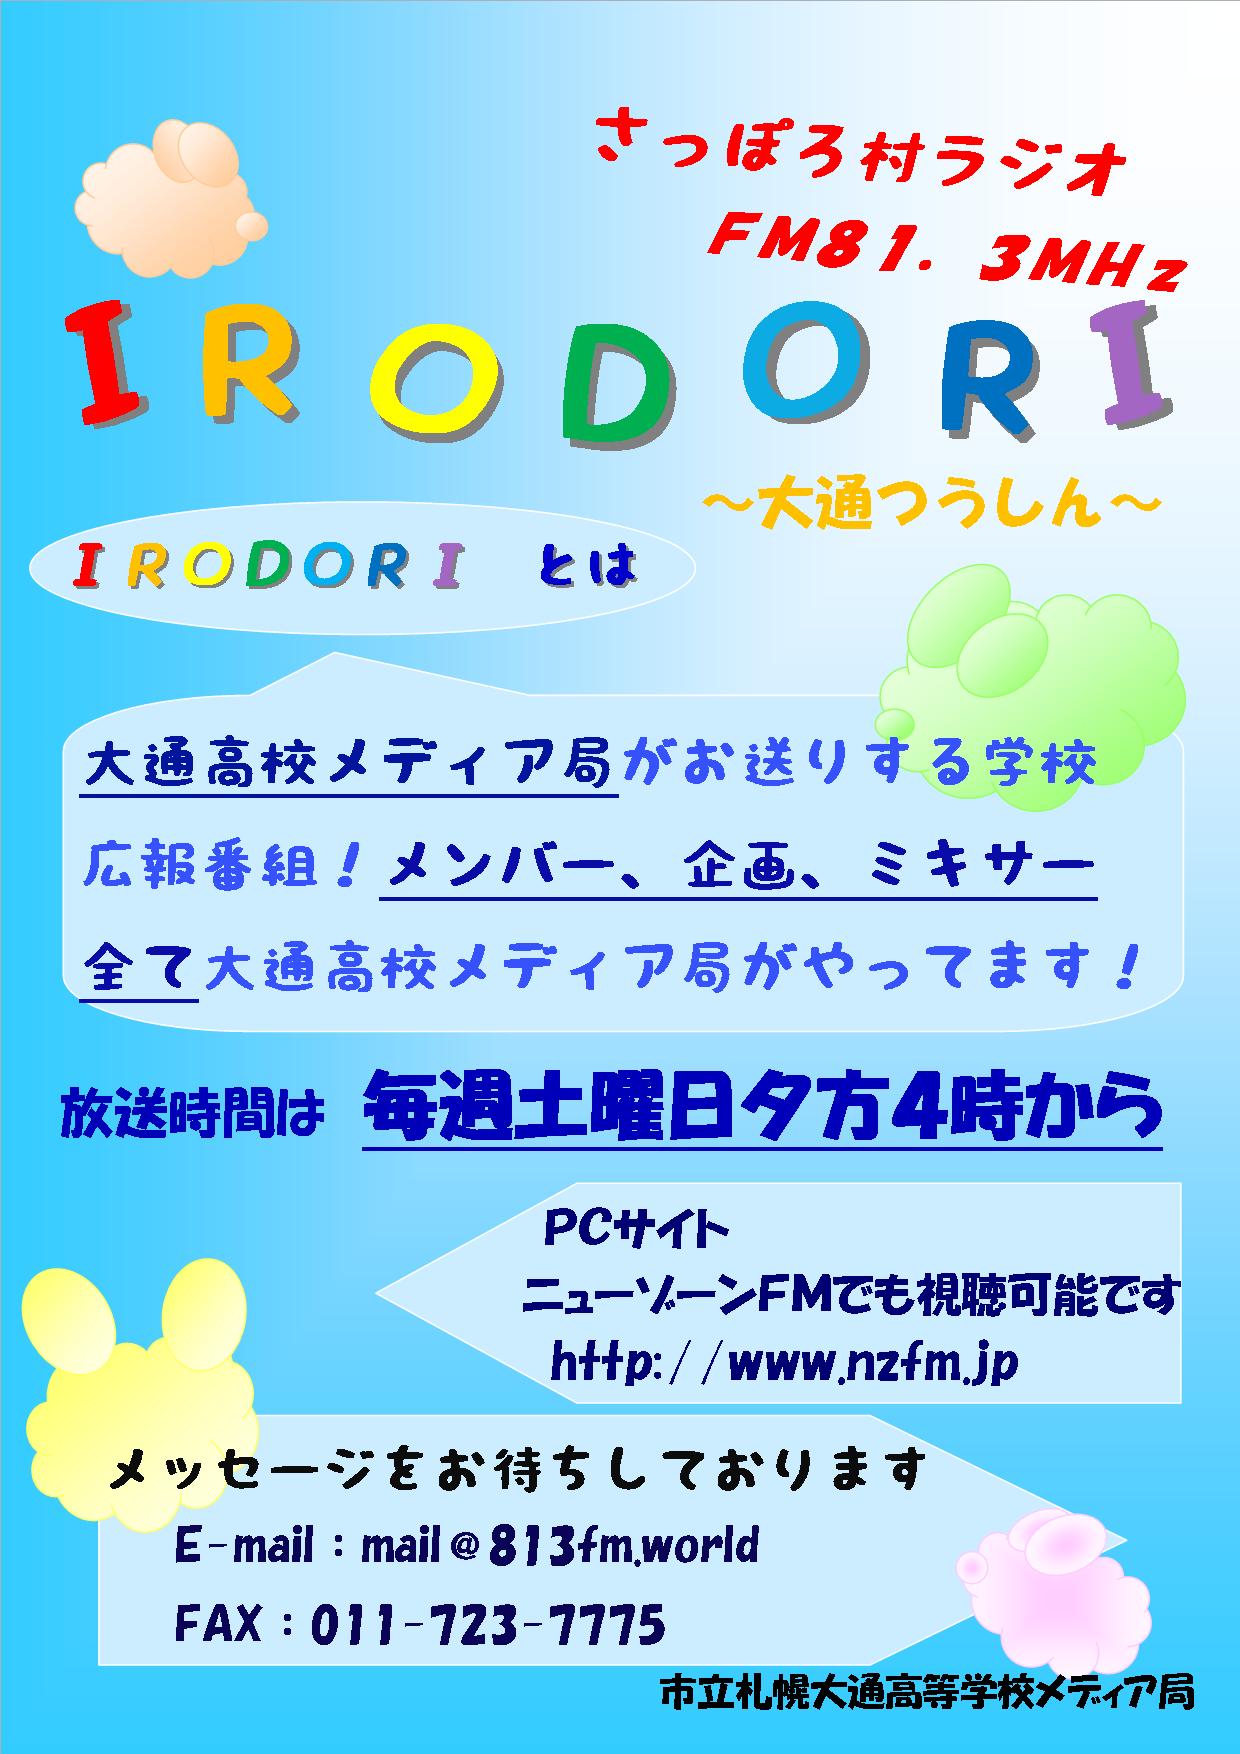 IRODORI-大通つうしん-